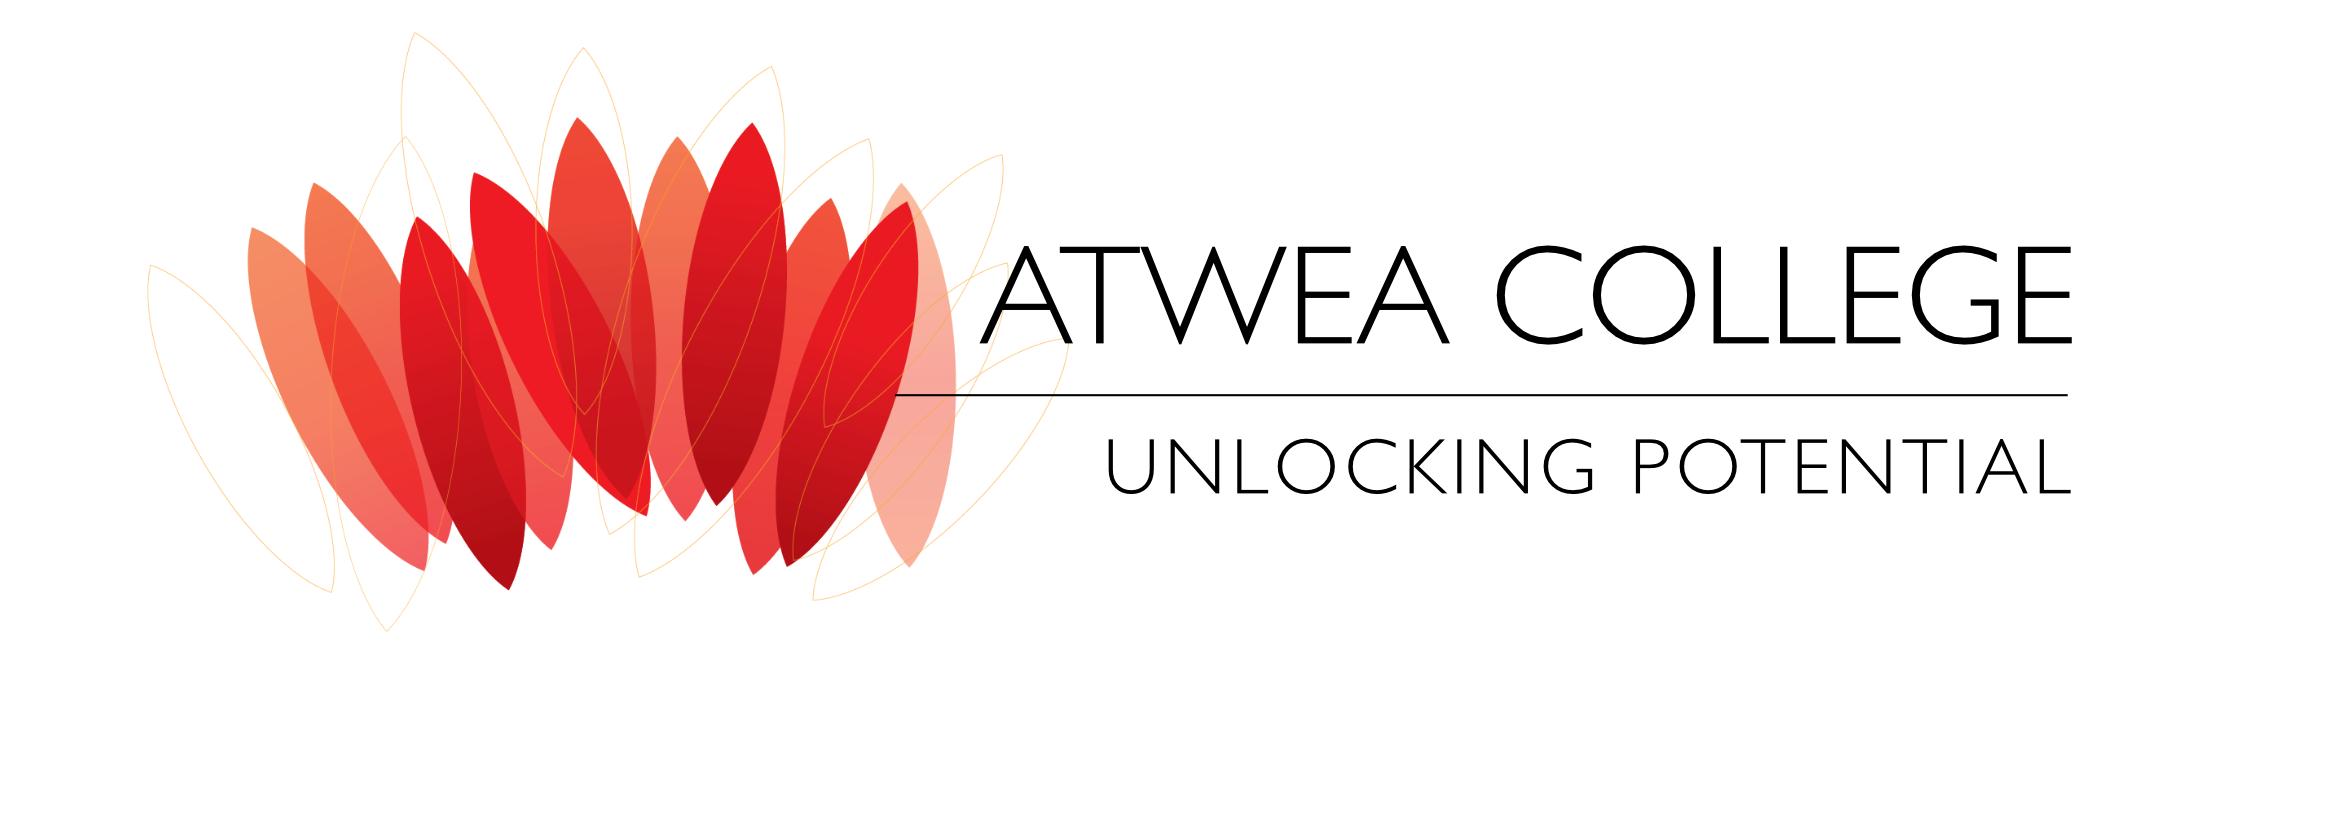 Atwea College logo